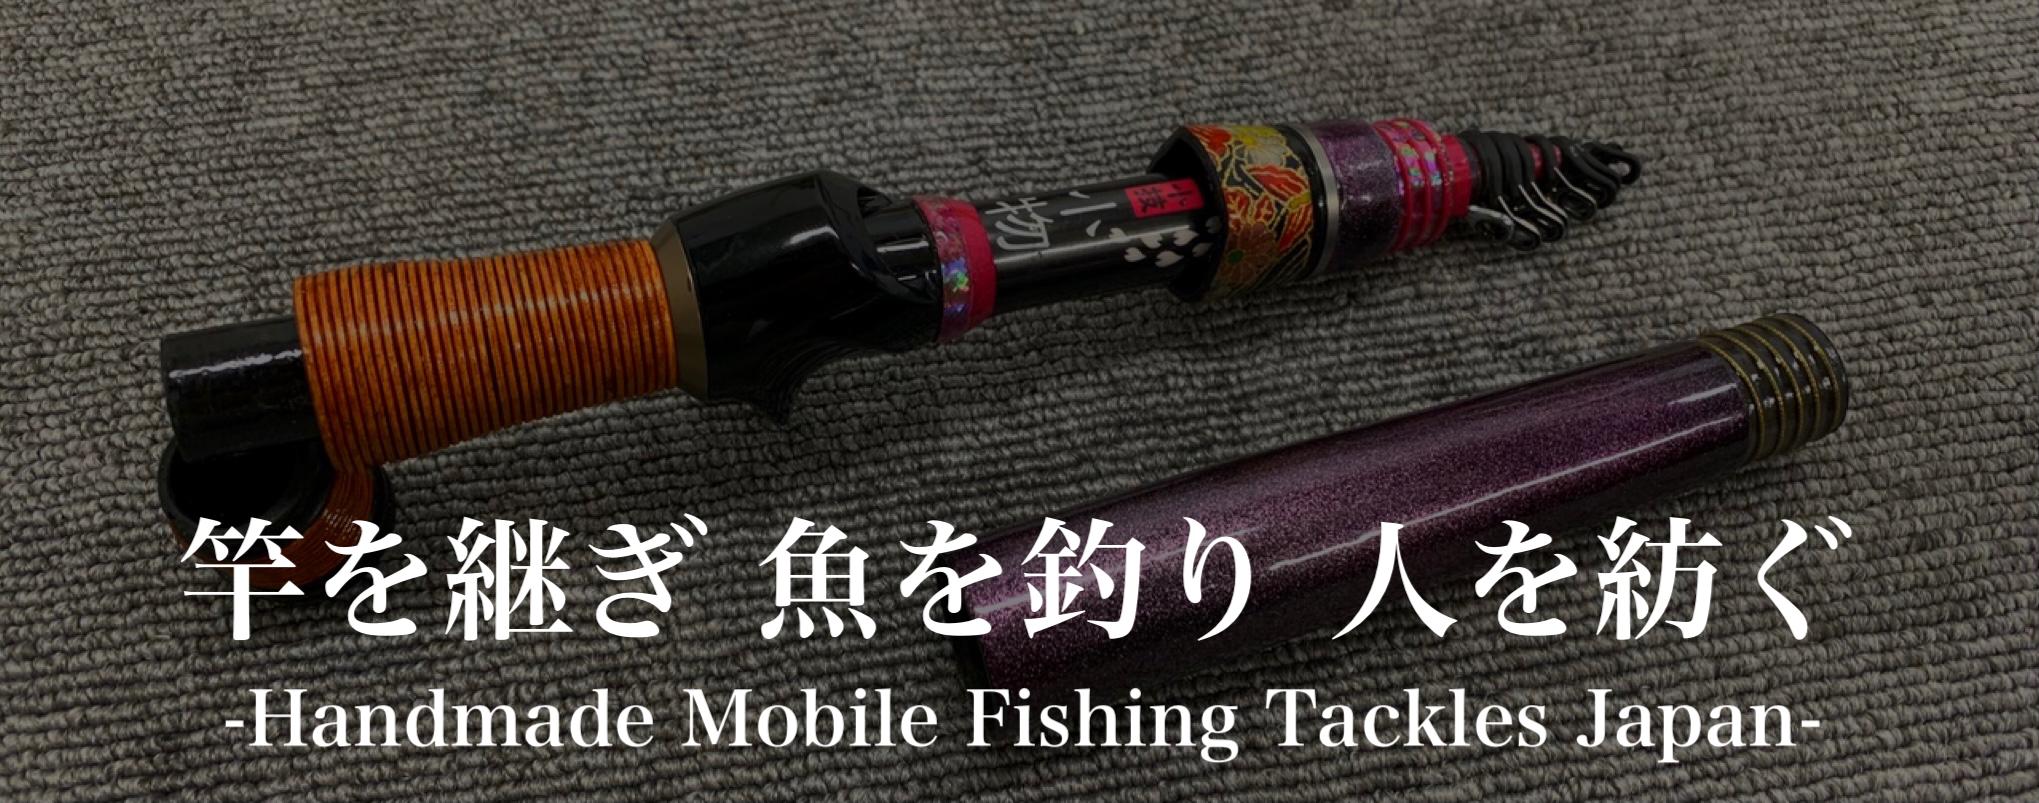 竿を継ぎ 魚を釣り 人を紡ぐ -Handmade Mobile Fishing Tackles Japan-